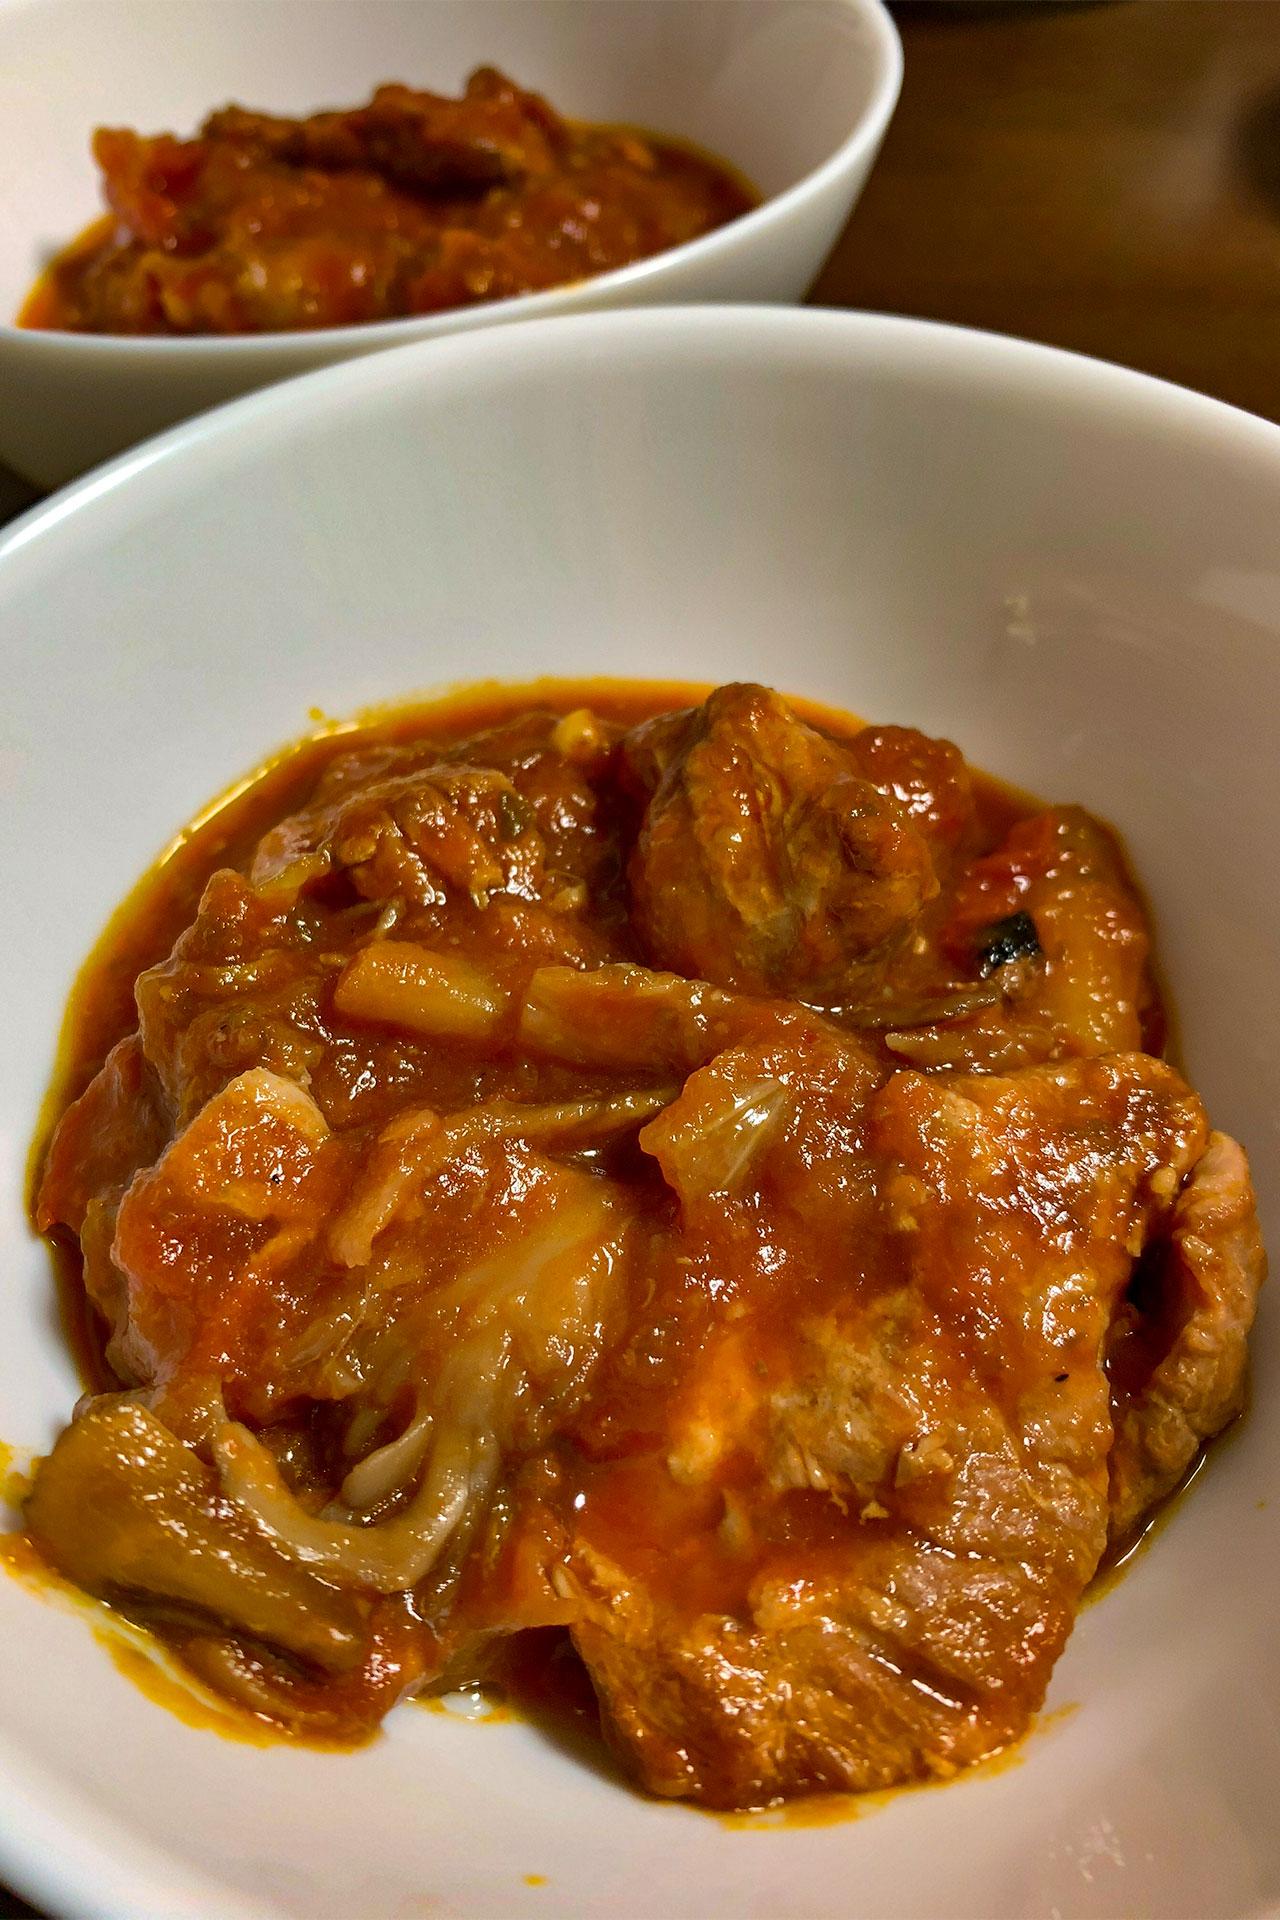 豚すね肉と野菜のトマト煮込み